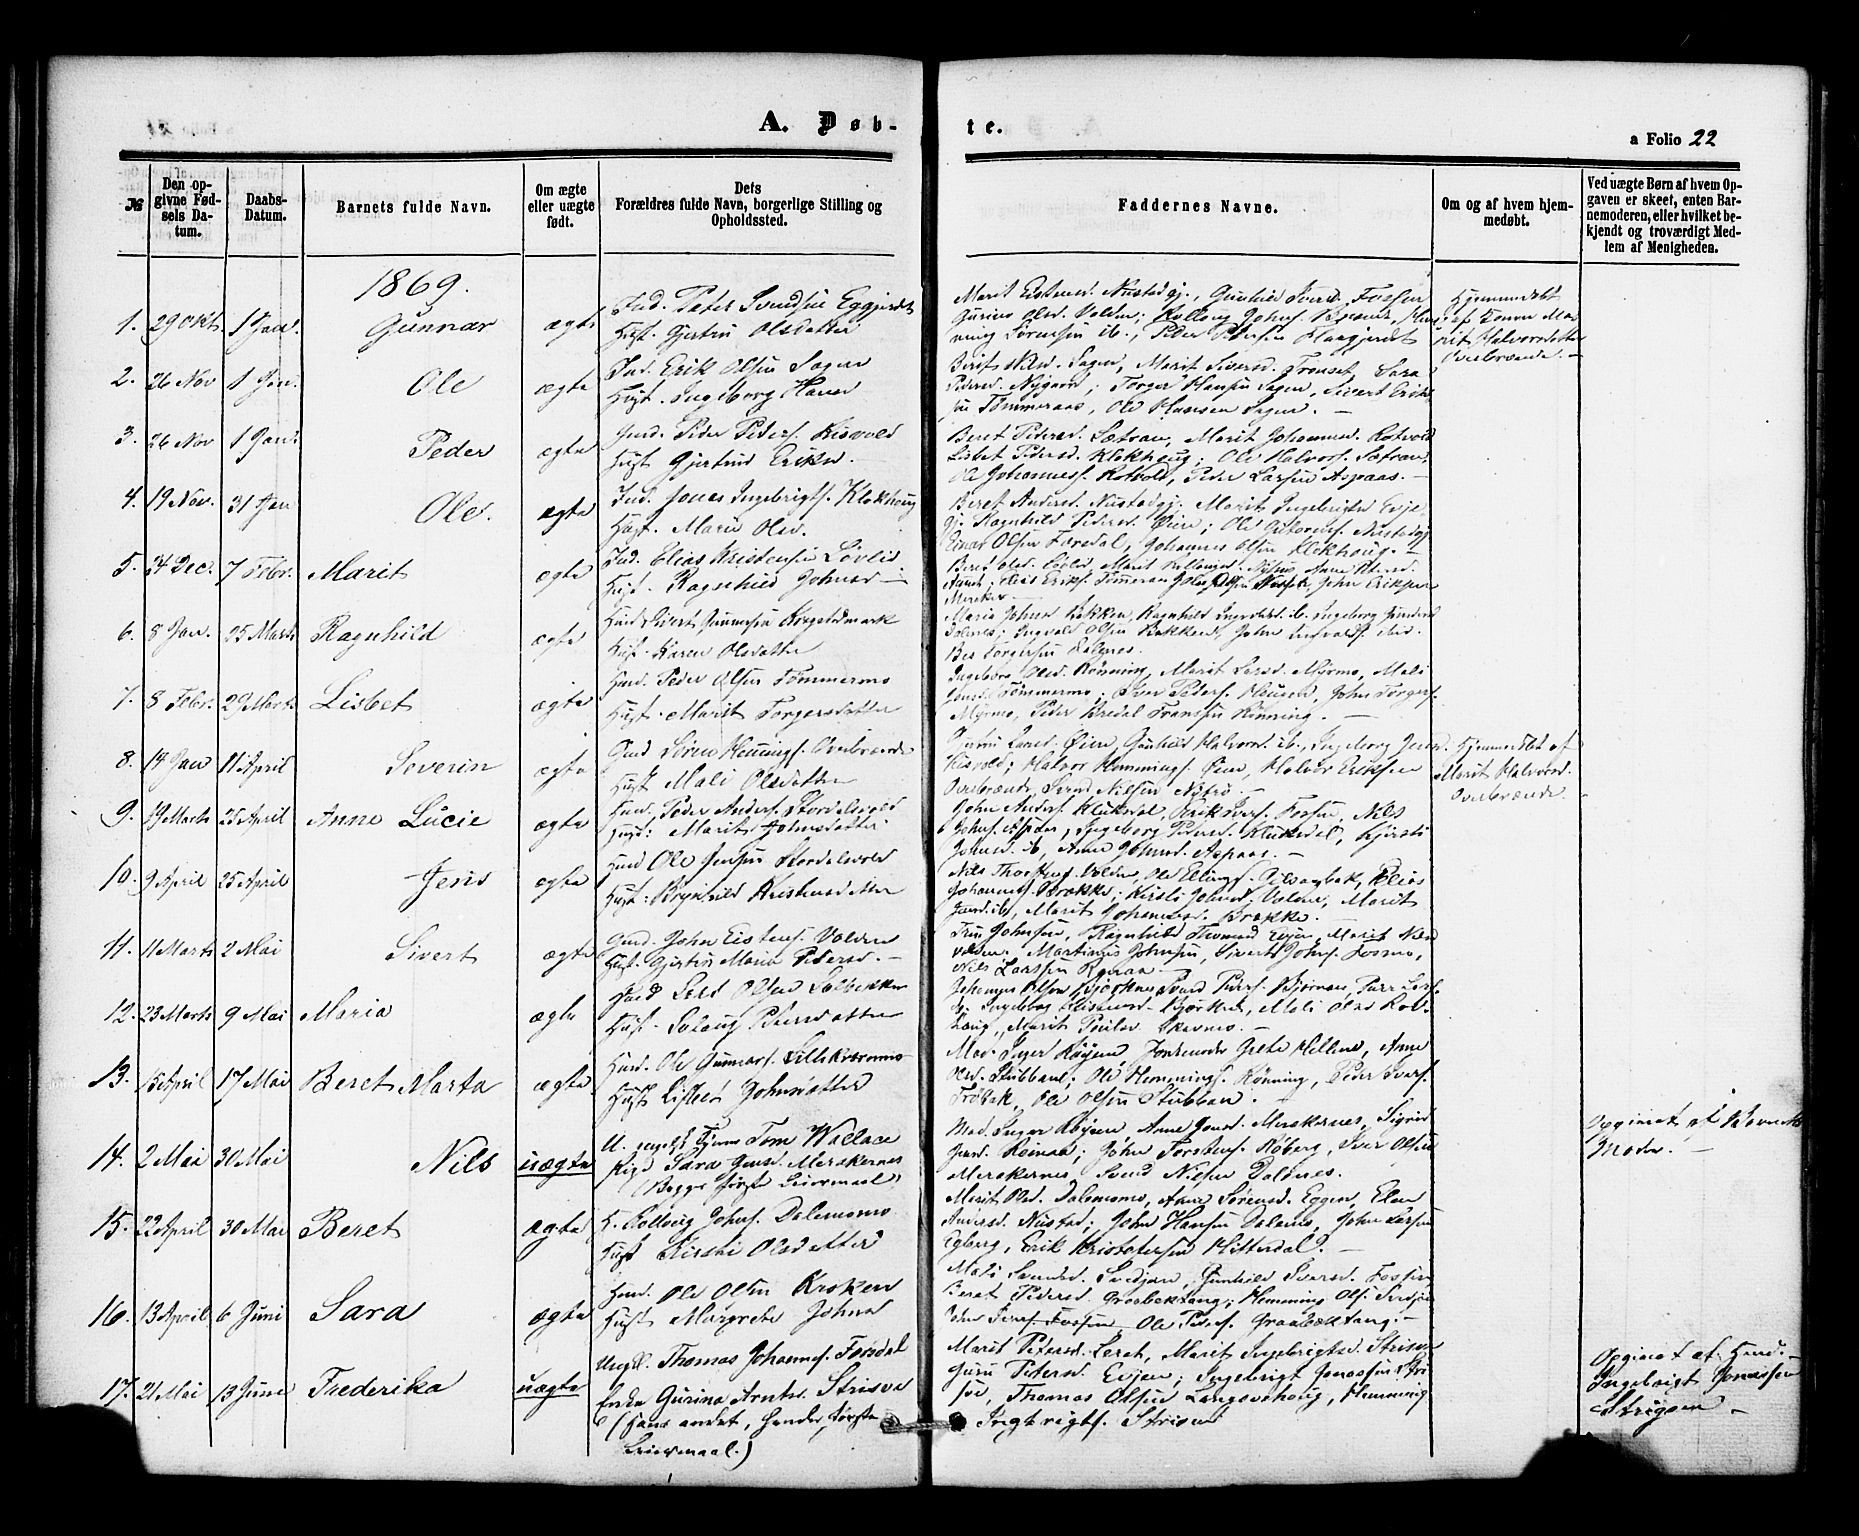 SAT, Ministerialprotokoller, klokkerbøker og fødselsregistre - Nord-Trøndelag, 706/L0041: Ministerialbok nr. 706A02, 1862-1877, s. 22